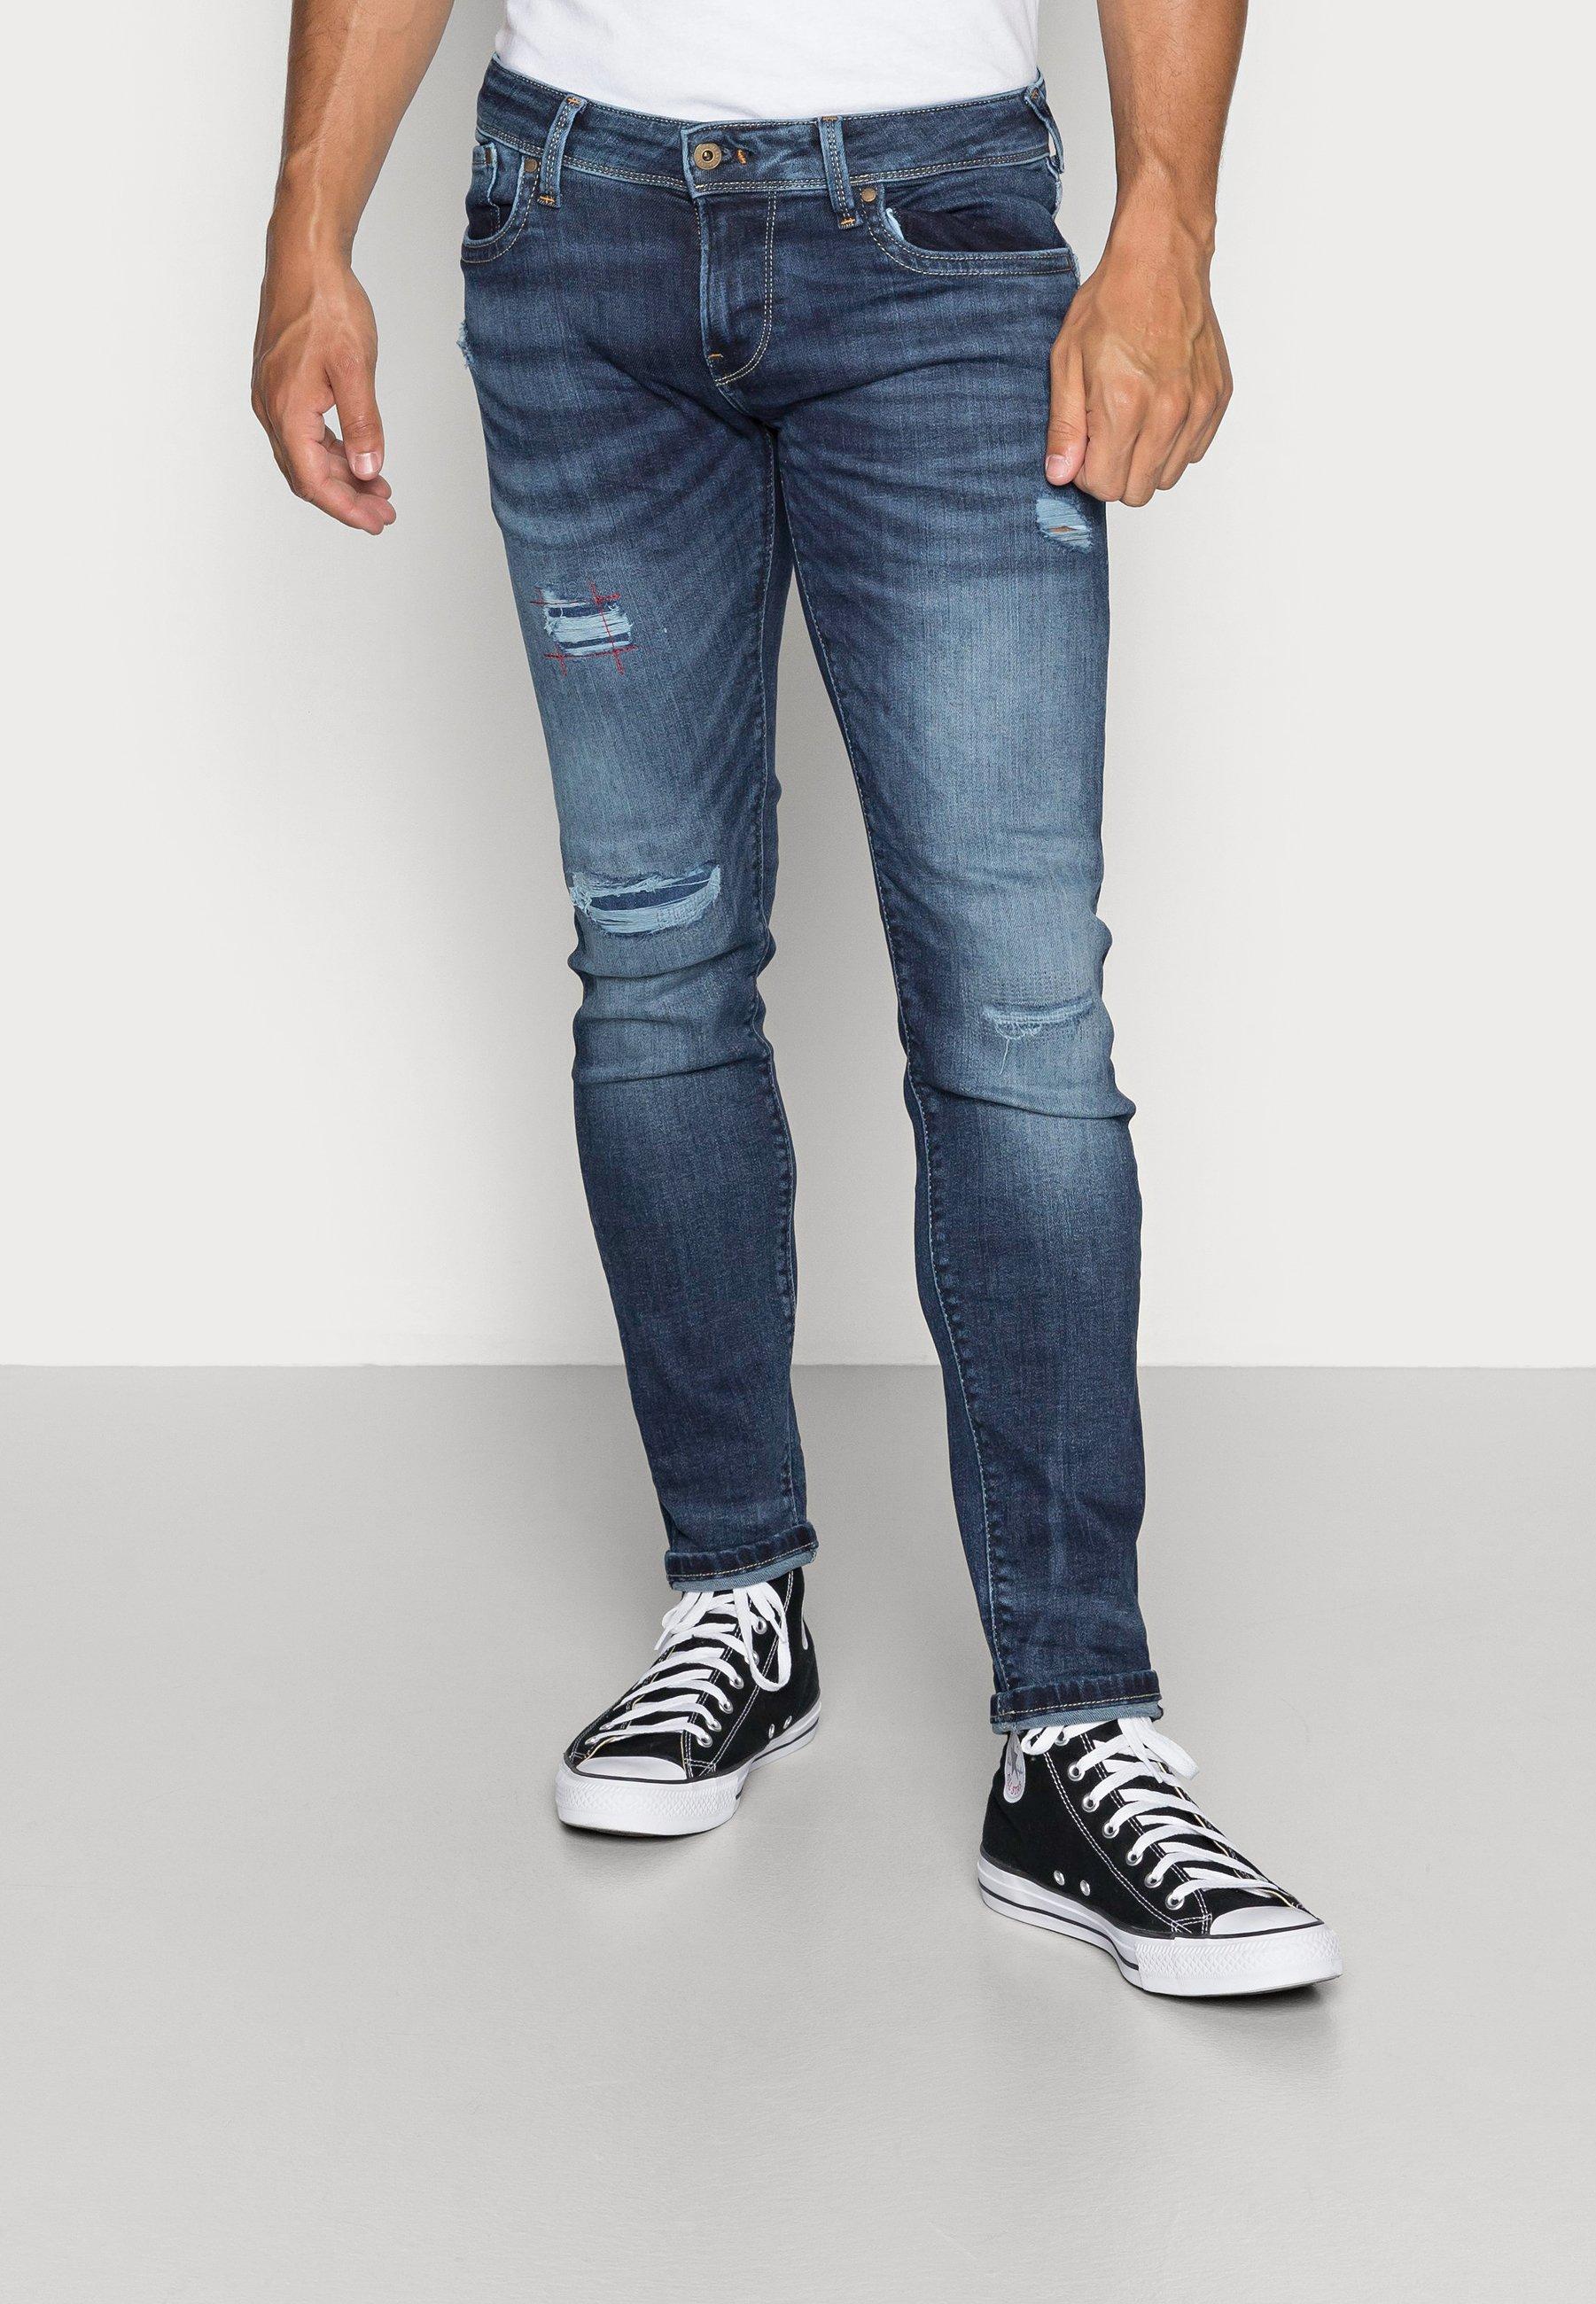 Men HATCH POWERFLEX - Slim fit jeans - dark used